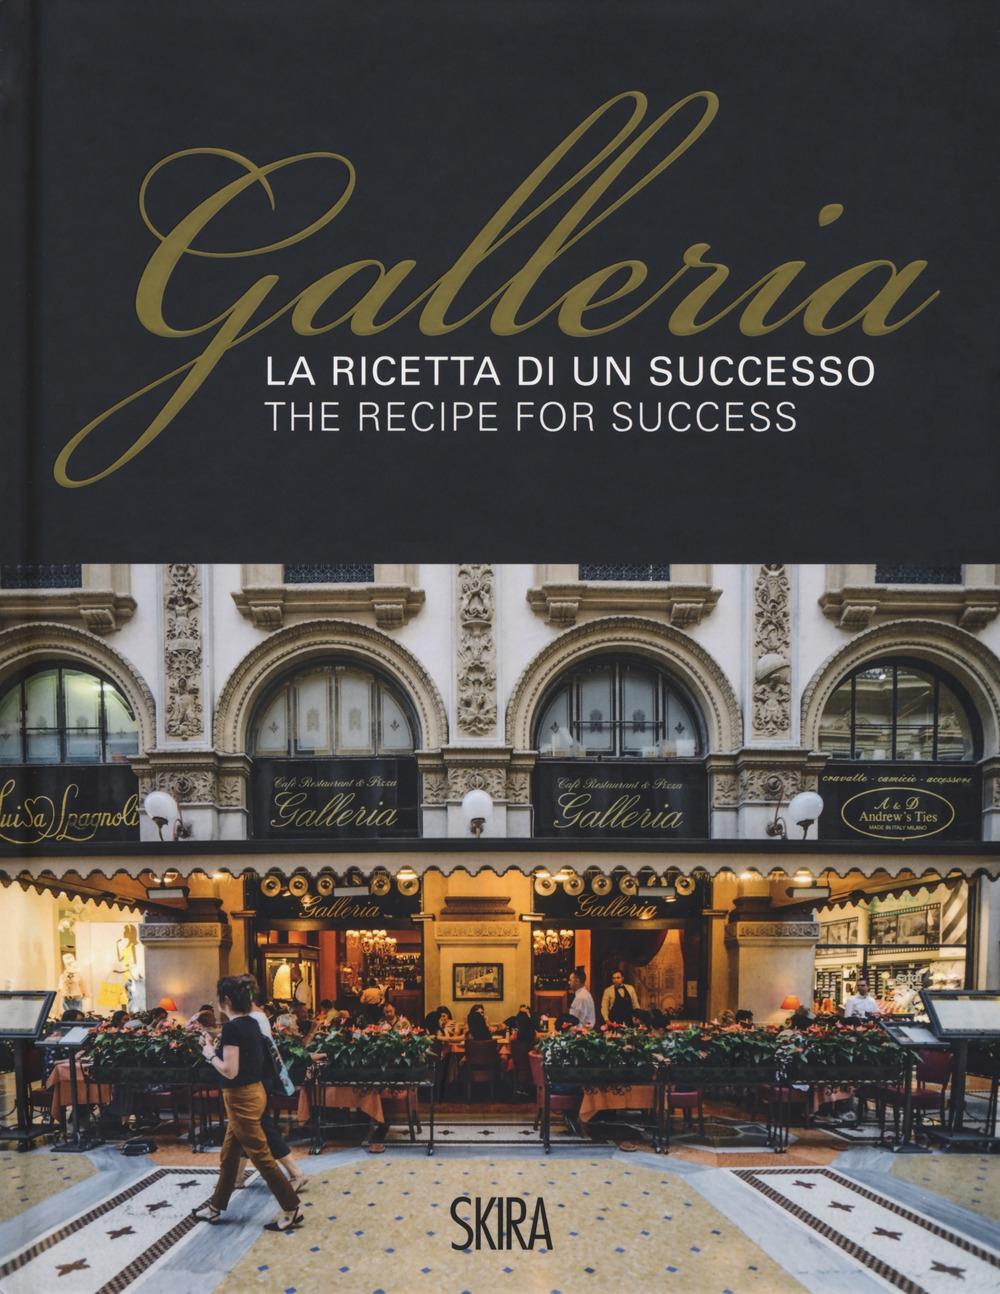 La ricetta di un successo. Galleria-The recipe for success. Ediz. illustrata